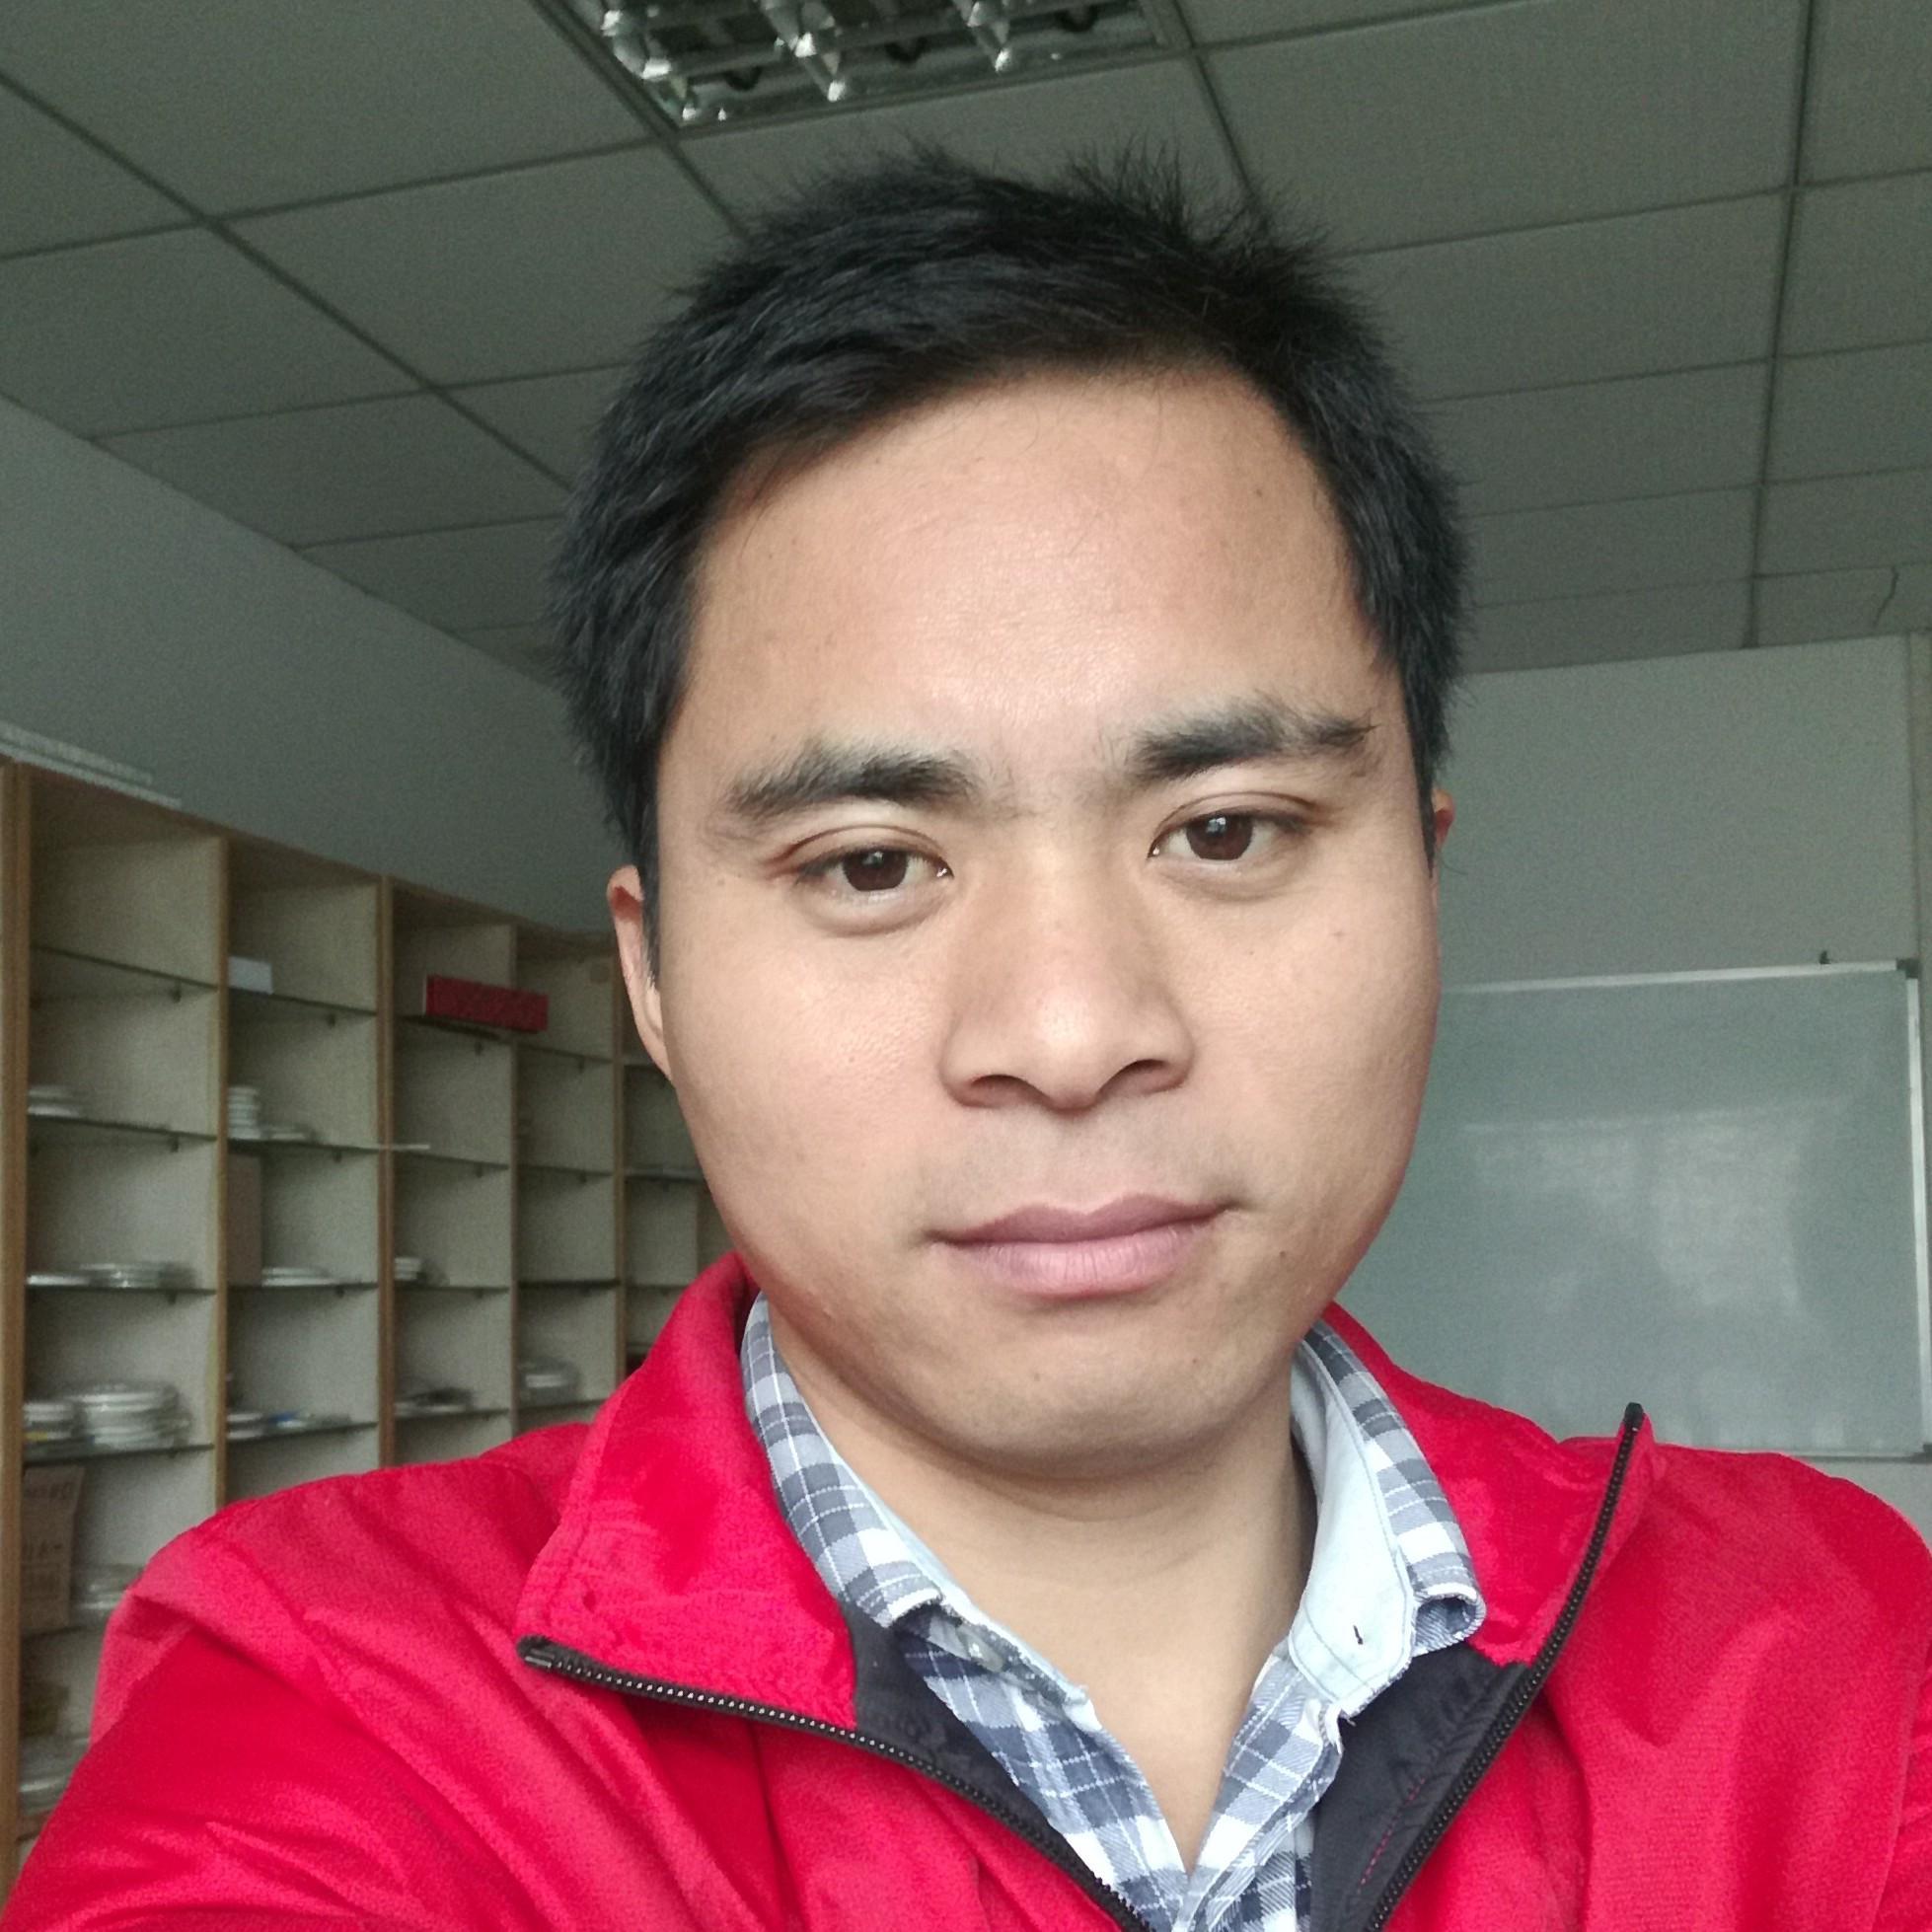 东莞黄江精维电子厂企业法人鄢才忠照片